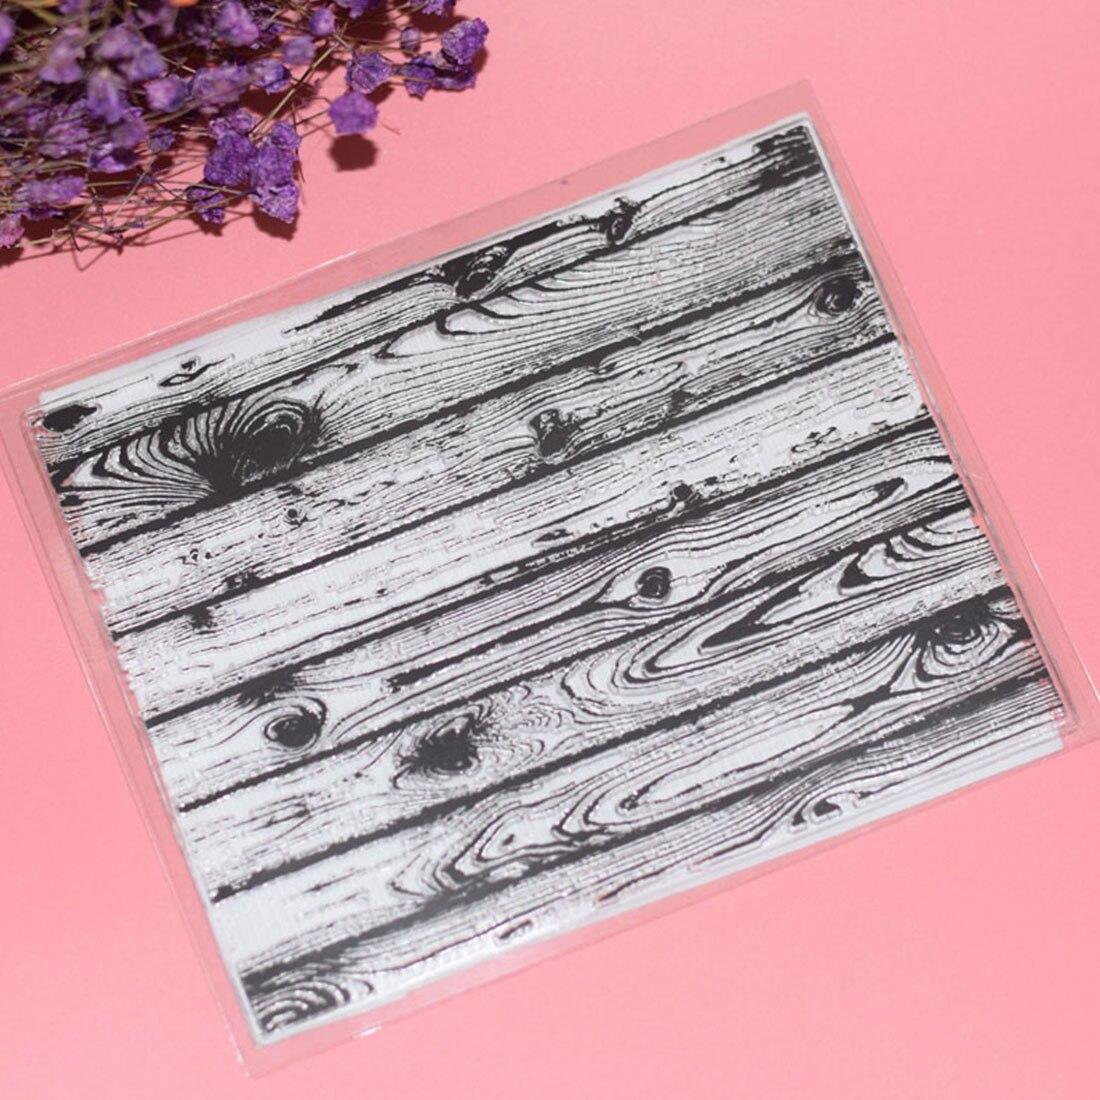 Фото Декорации для альбомов деревянный пол штамп штампы очистить резиновый штамп DIY ремесло штамп для декоративного скрапбукинга